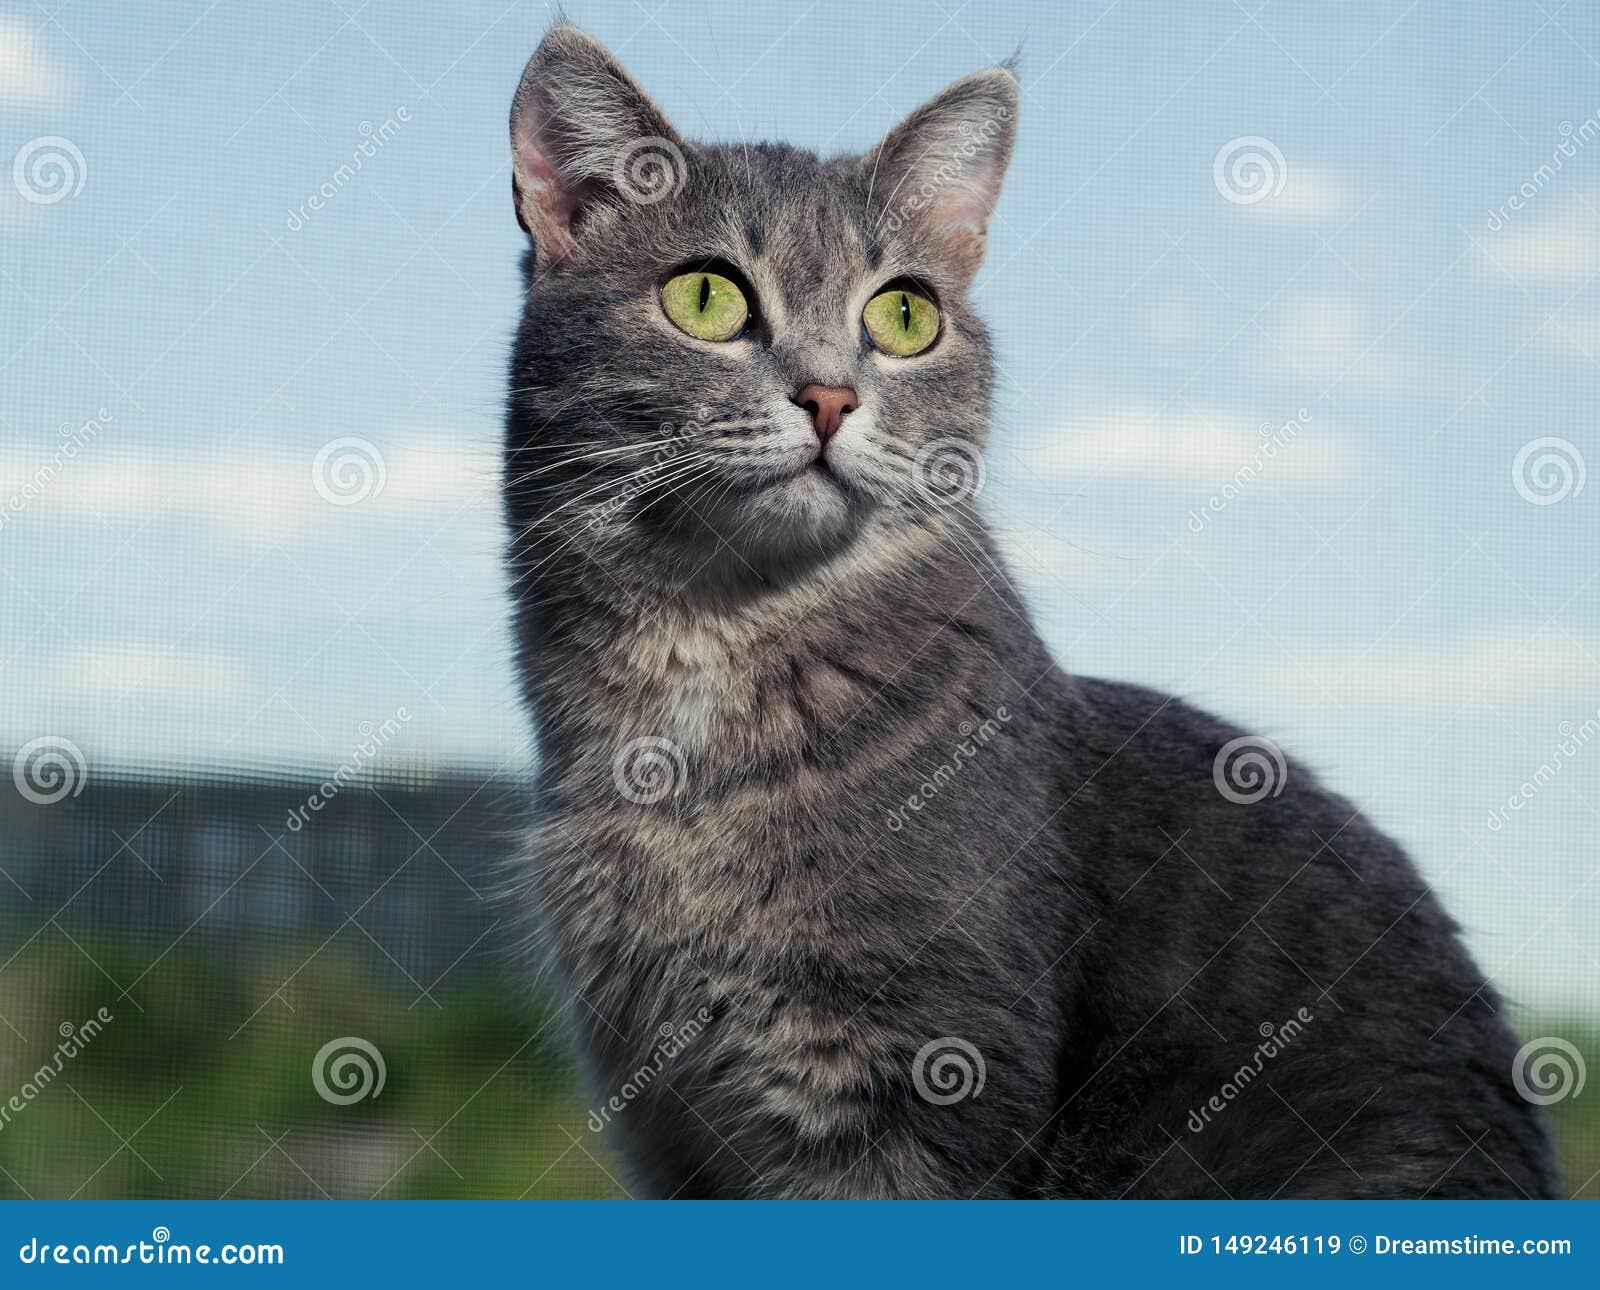 En h?rlig gr? gr?n?gd katt med svartvita band sitter p? f?nsterbr?dan och ser lite ett h?gre ?n